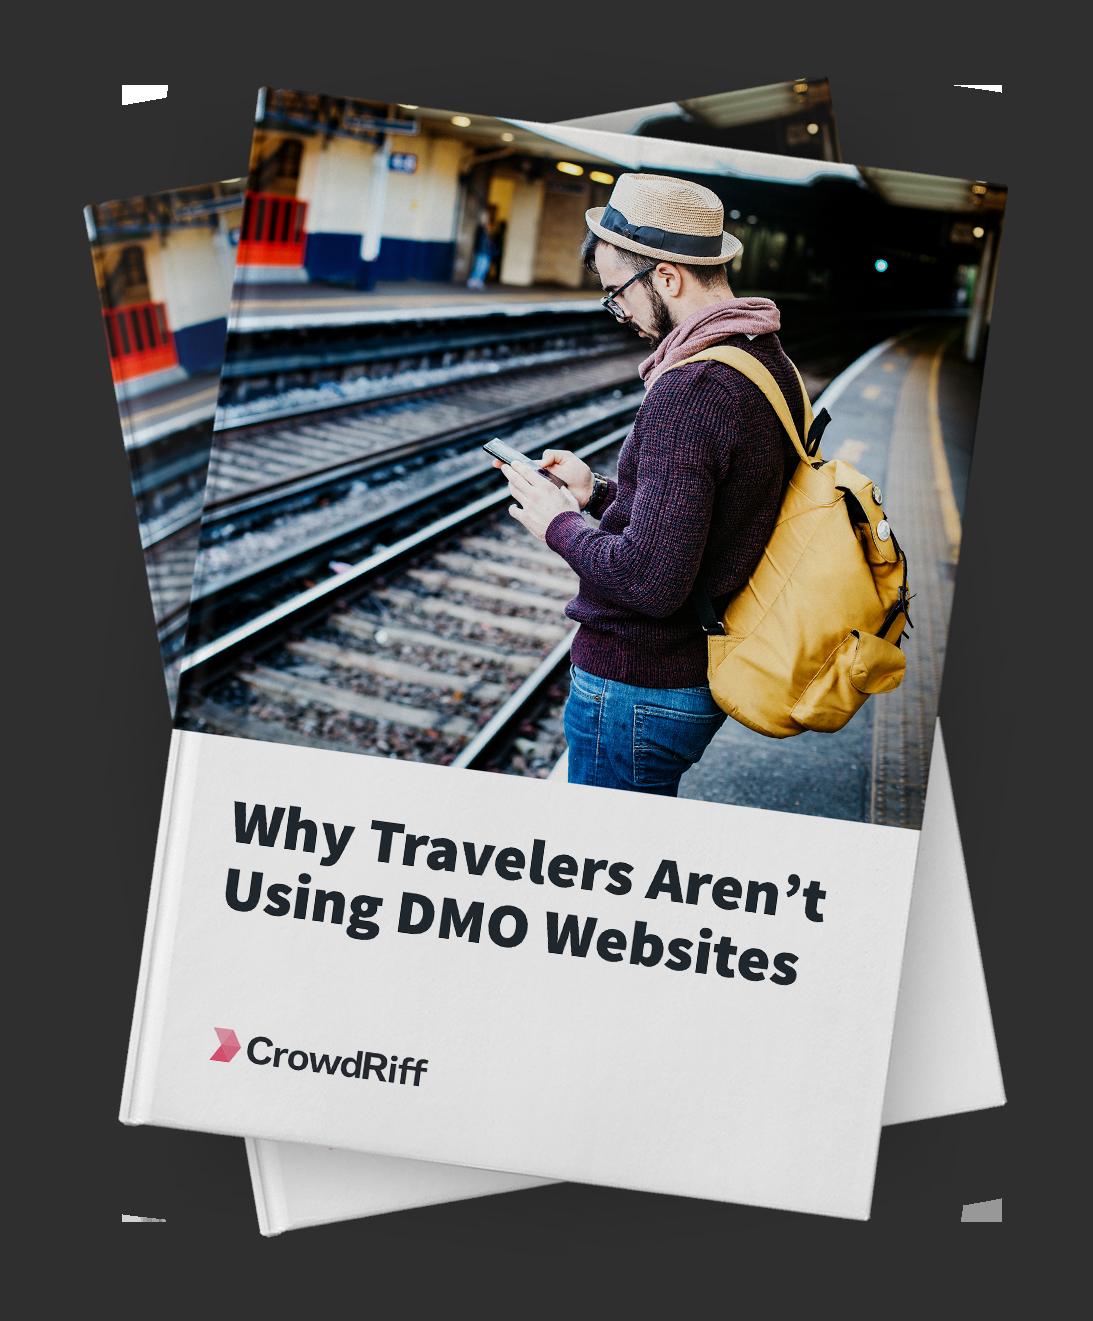 dmo-websites.png